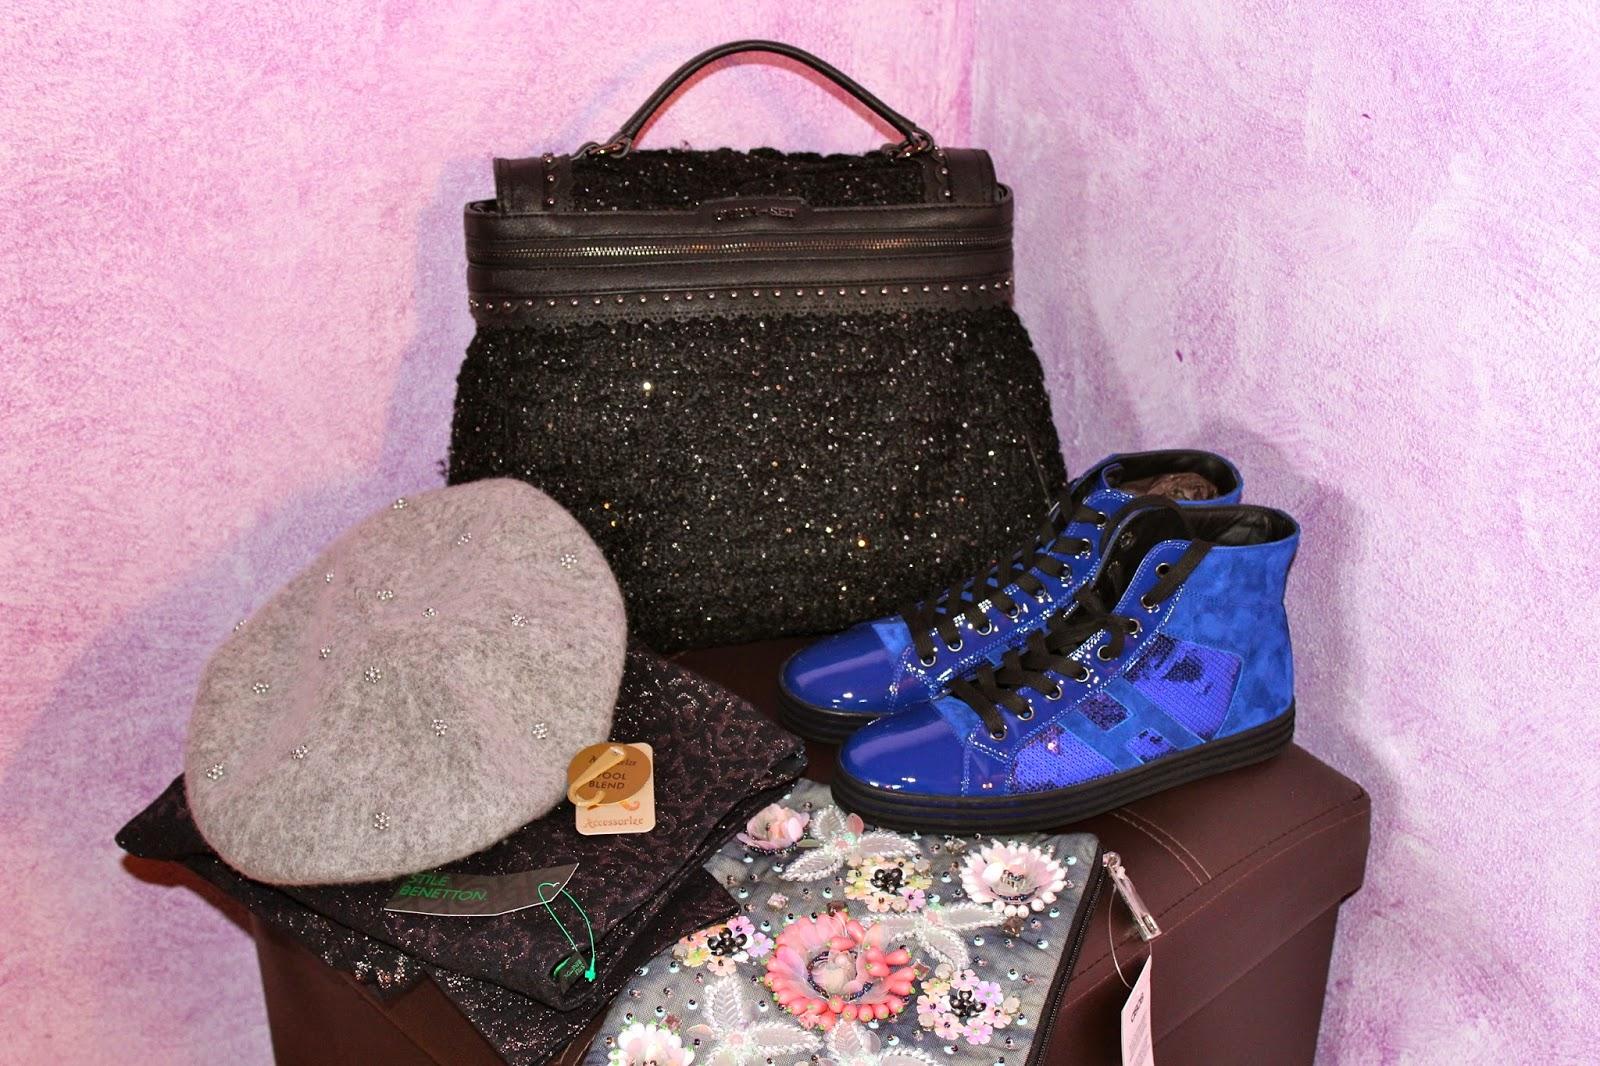 50f57527a4 Ahimè no!!!!! Ho proseguito il cammino con i miei acquisti, spaziando tra  borse, scarpe, pantaloni e.....vi lascio alle foto!!!! Non vedo l'ora di  indossare ...